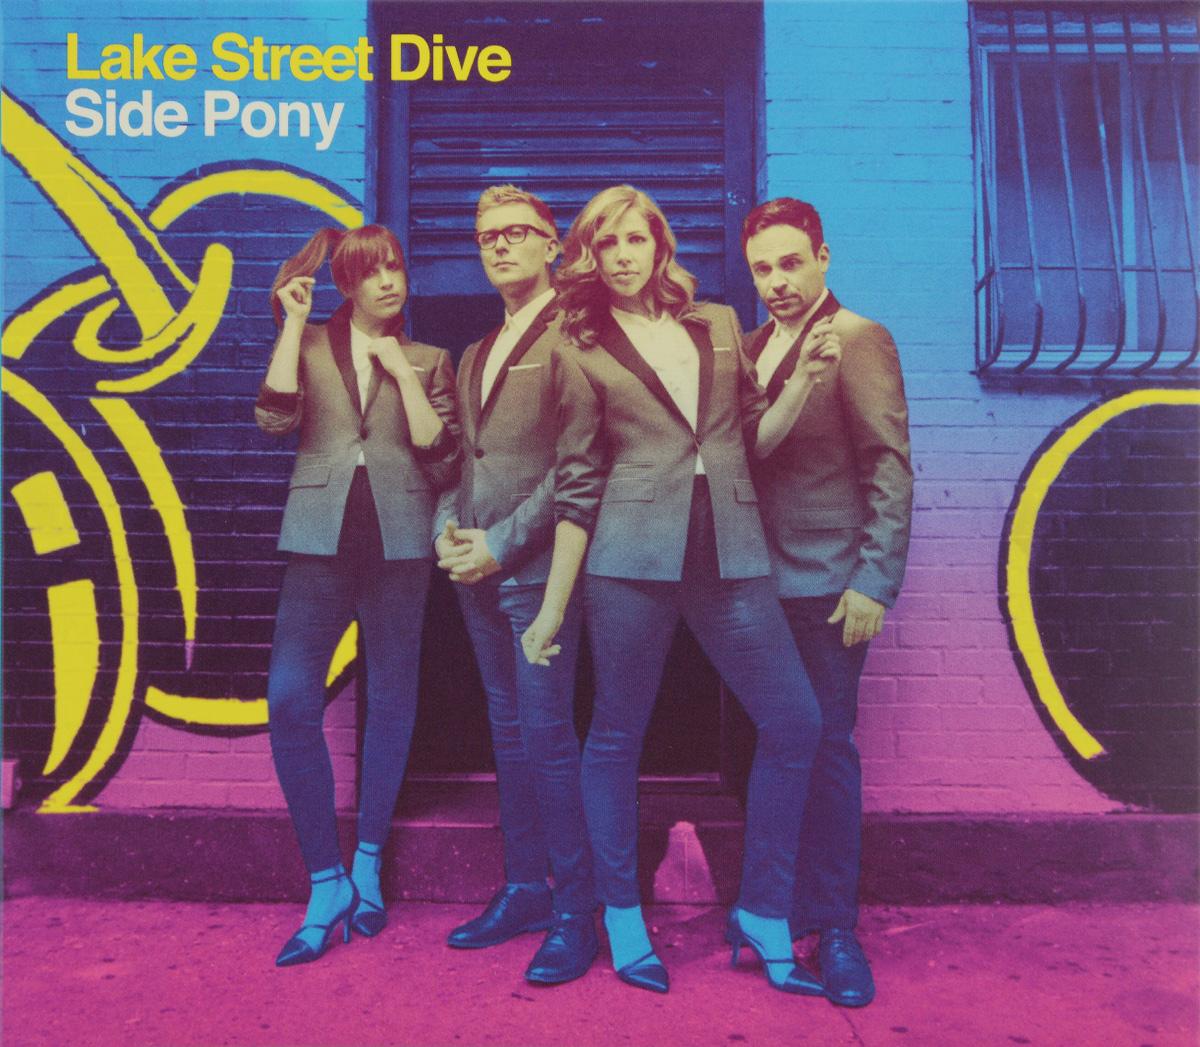 Lake Street Dive Lake Street Dive. Side Pony dive